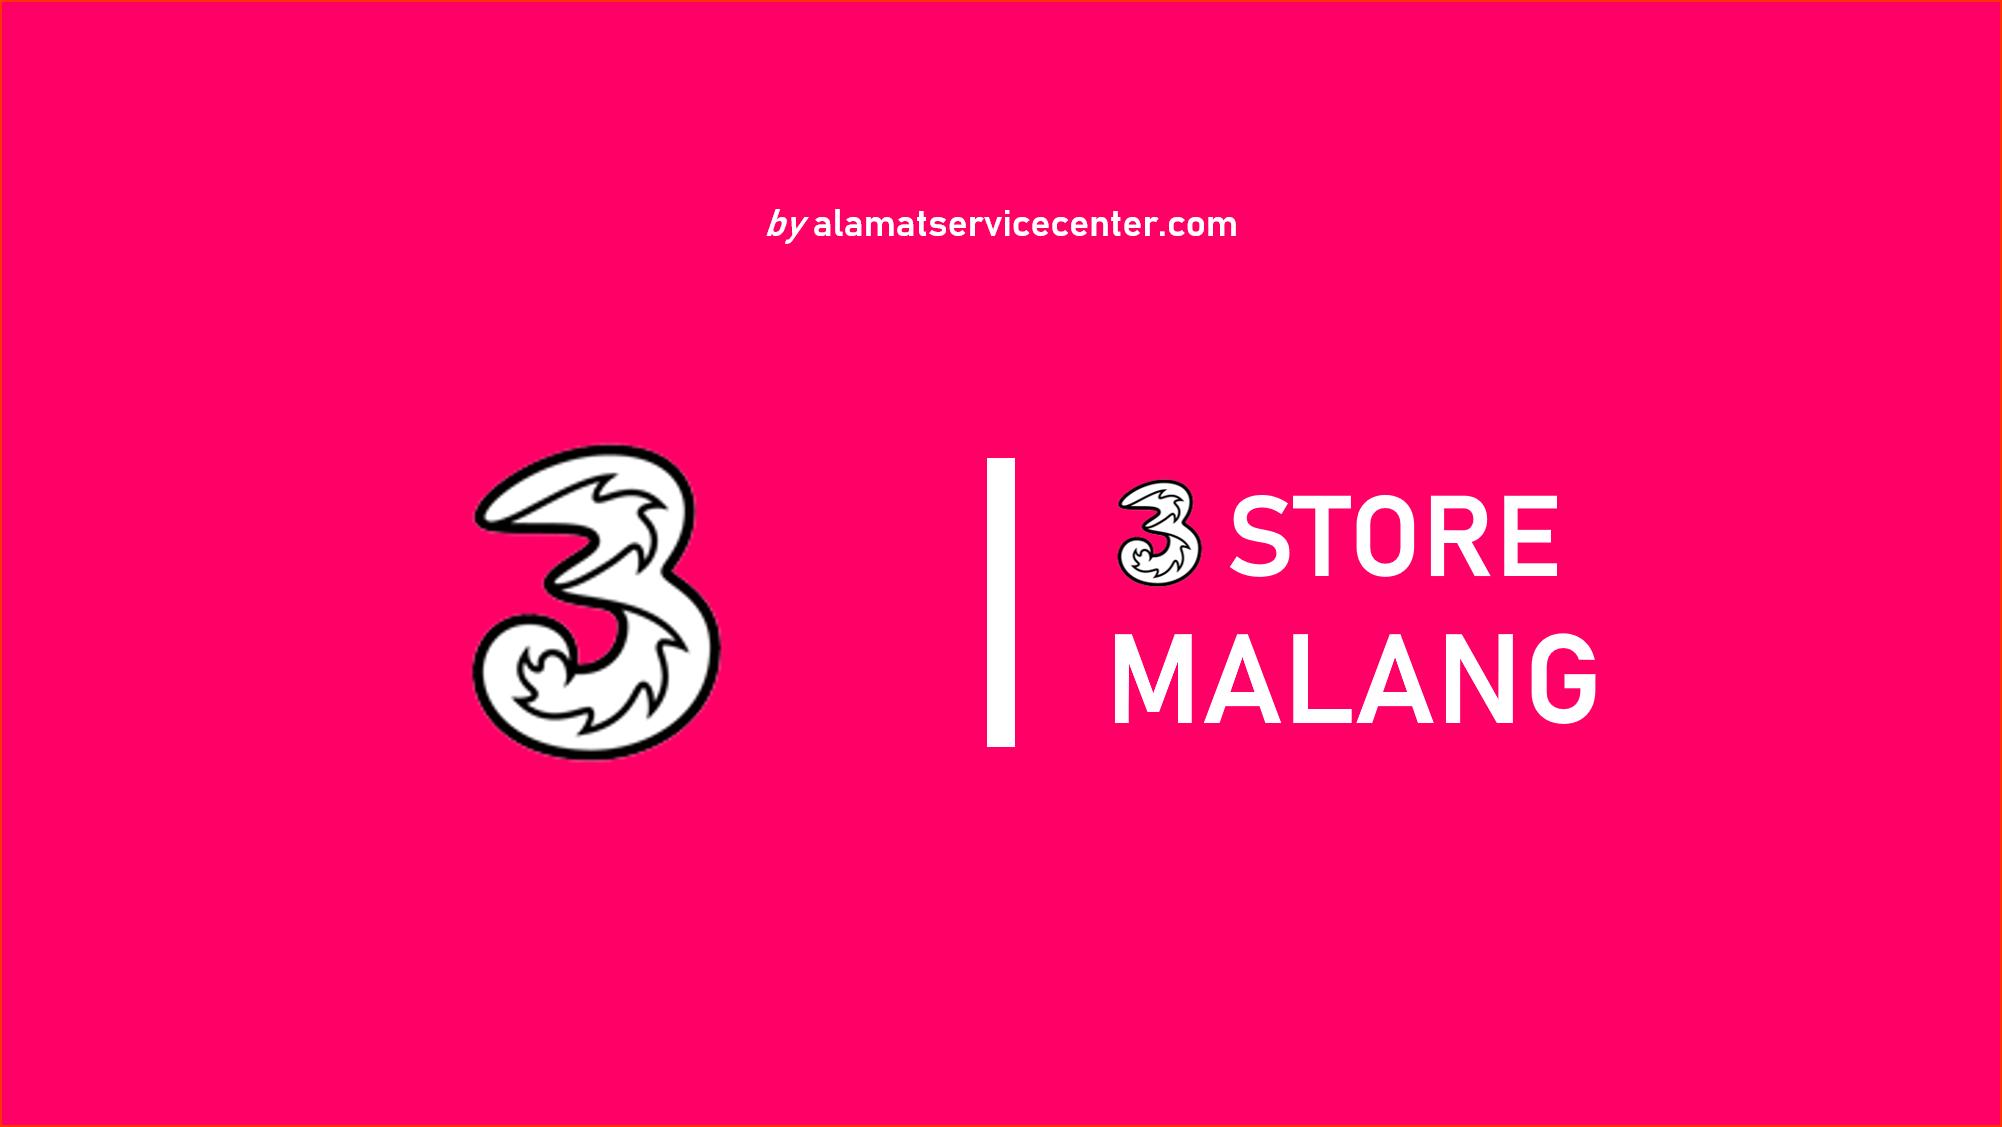 3 Store Malang